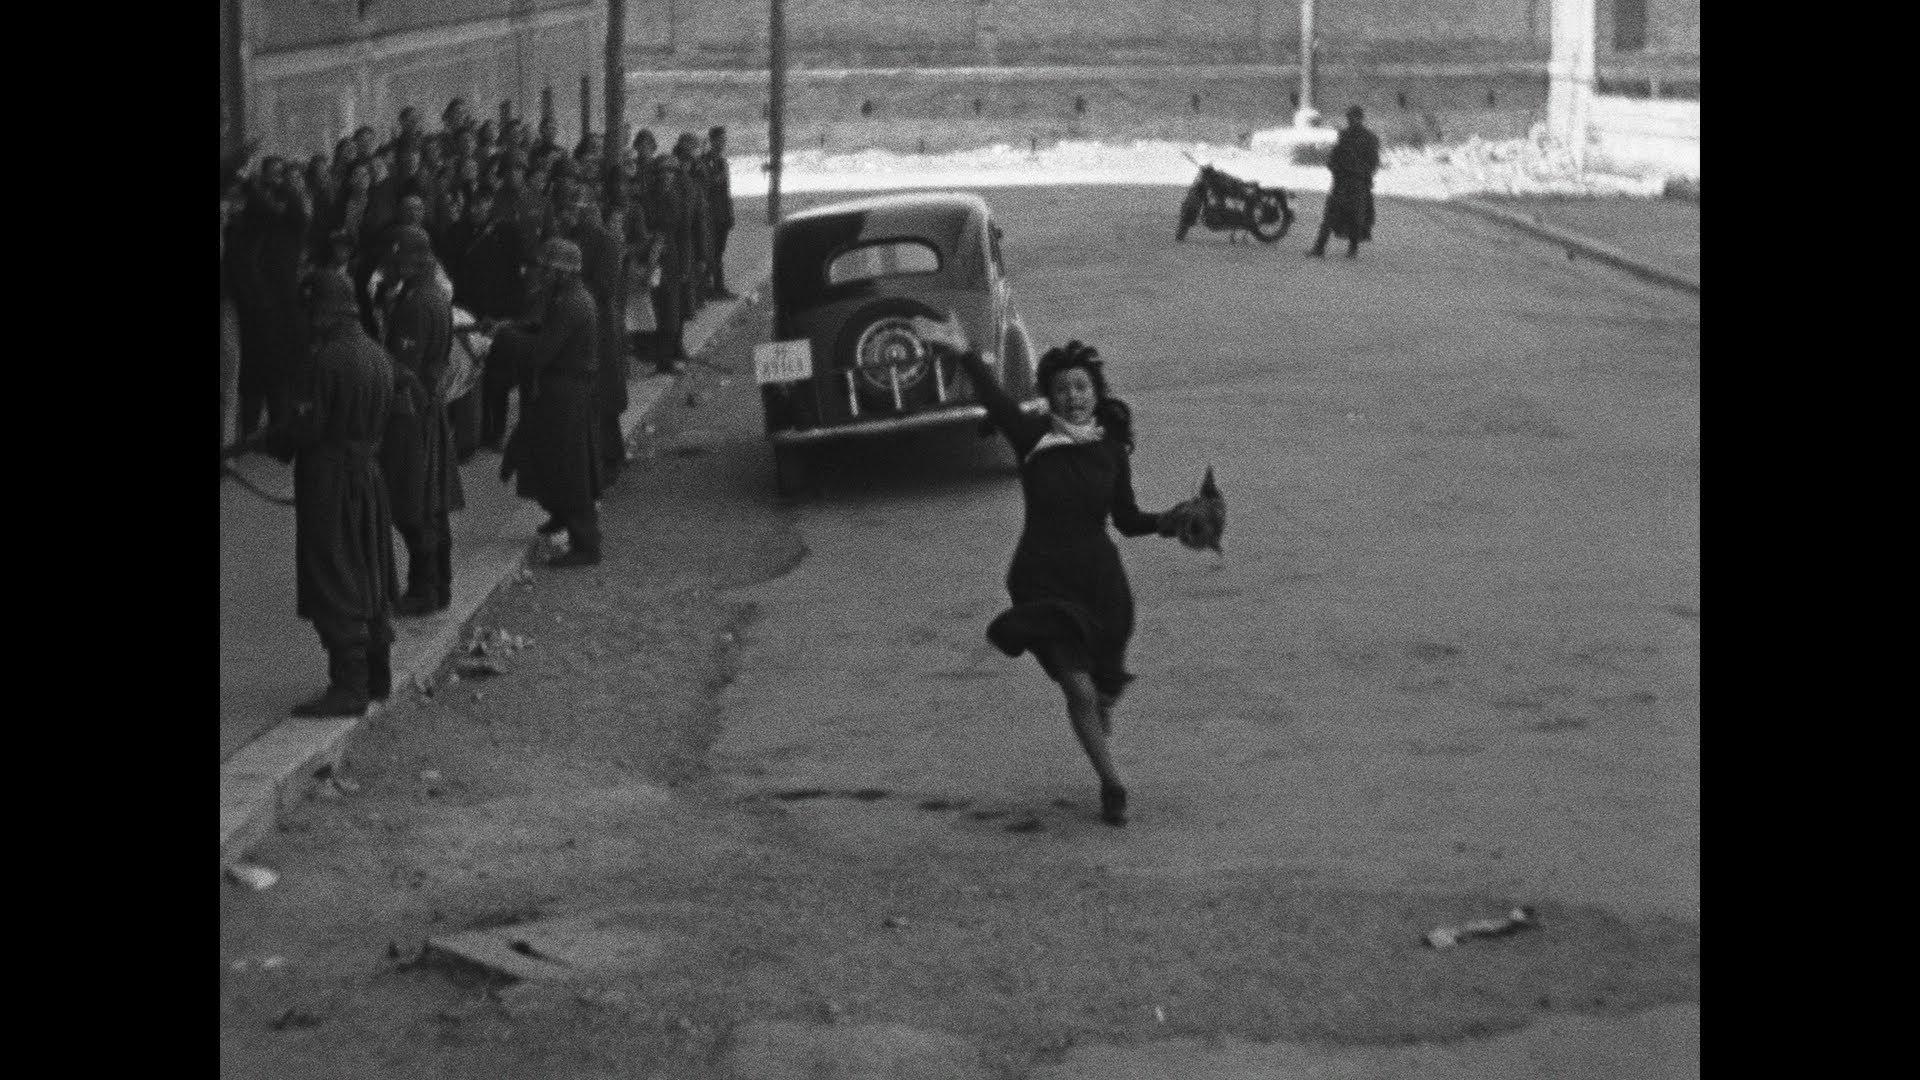 Famosa cena de  Roma, Cidade Aberta , na qual Pina (Anna Magnani) corre atrás do caminhão no qual está sendo levado o marido preso, na Roma da Segunda Guerra Mundial